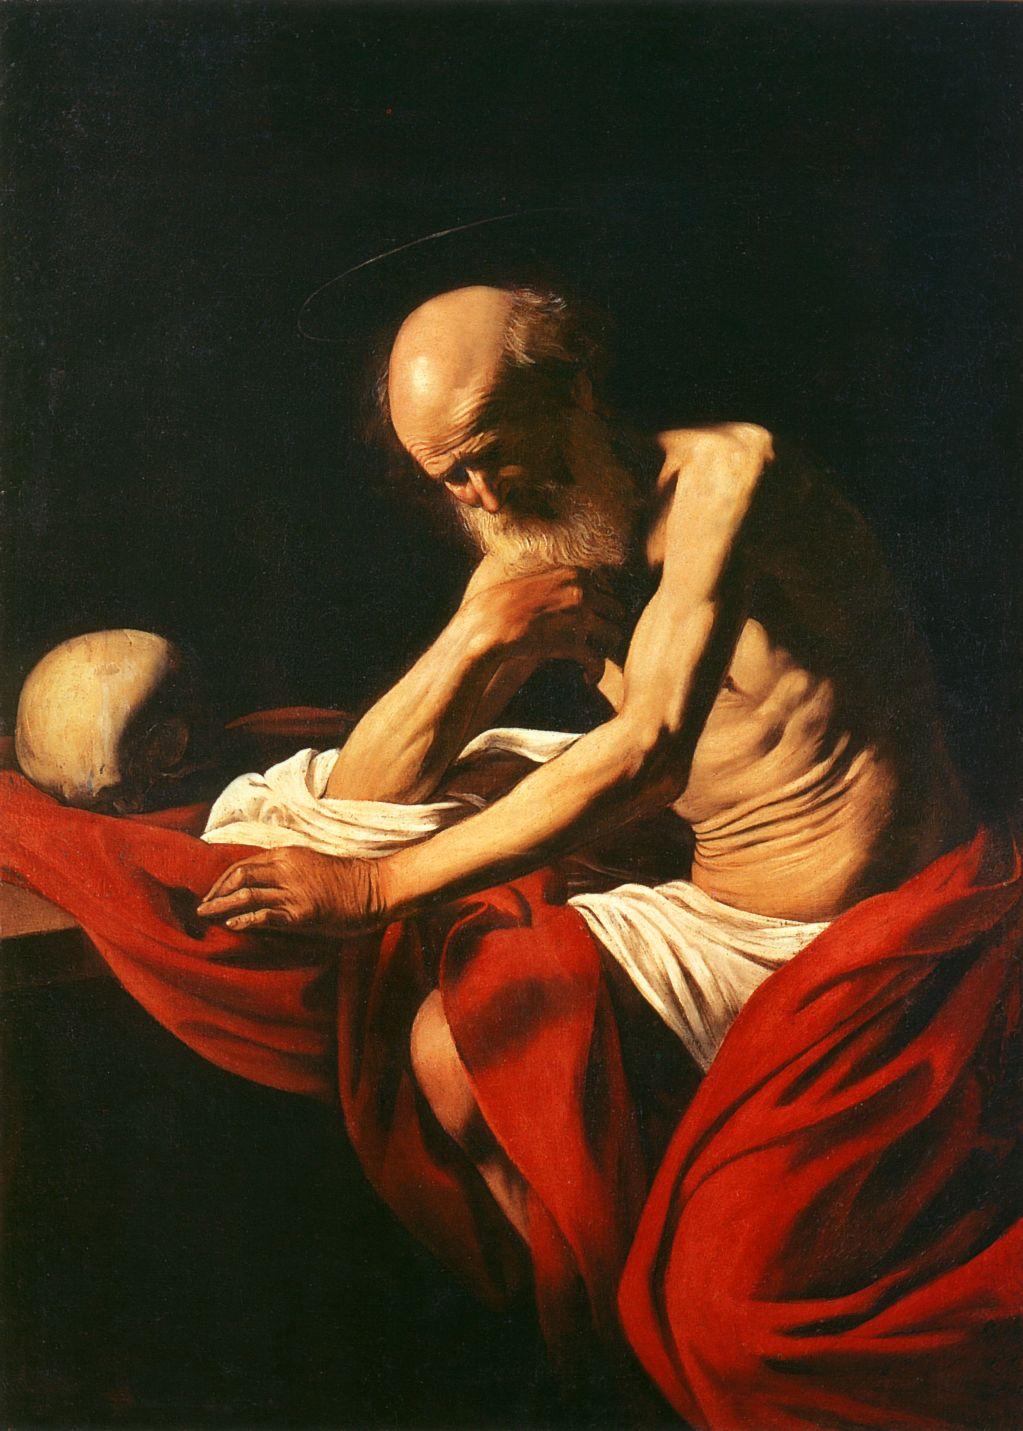 http://4.bp.blogspot.com/-JoGJ4uboCKw/TwRhotysUHI/AAAAAAAACiw/nxBNXyudhPs/s1600/jerome-in-meditation-caravaggio.jpg